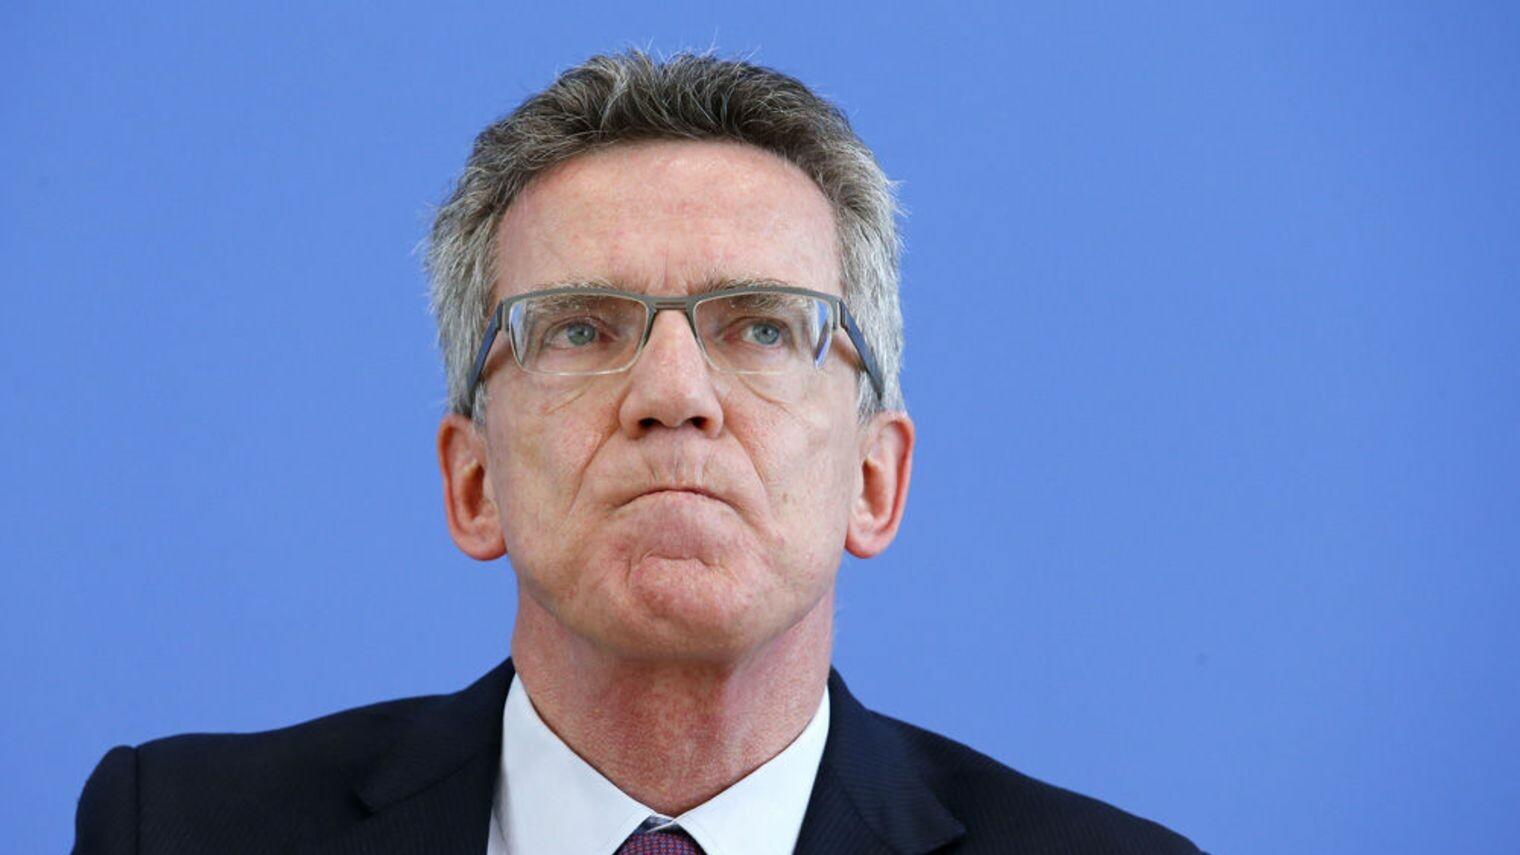 Le ministre de l 39 int rieur allemand fait une tourn e au for Le ministre de l interieur